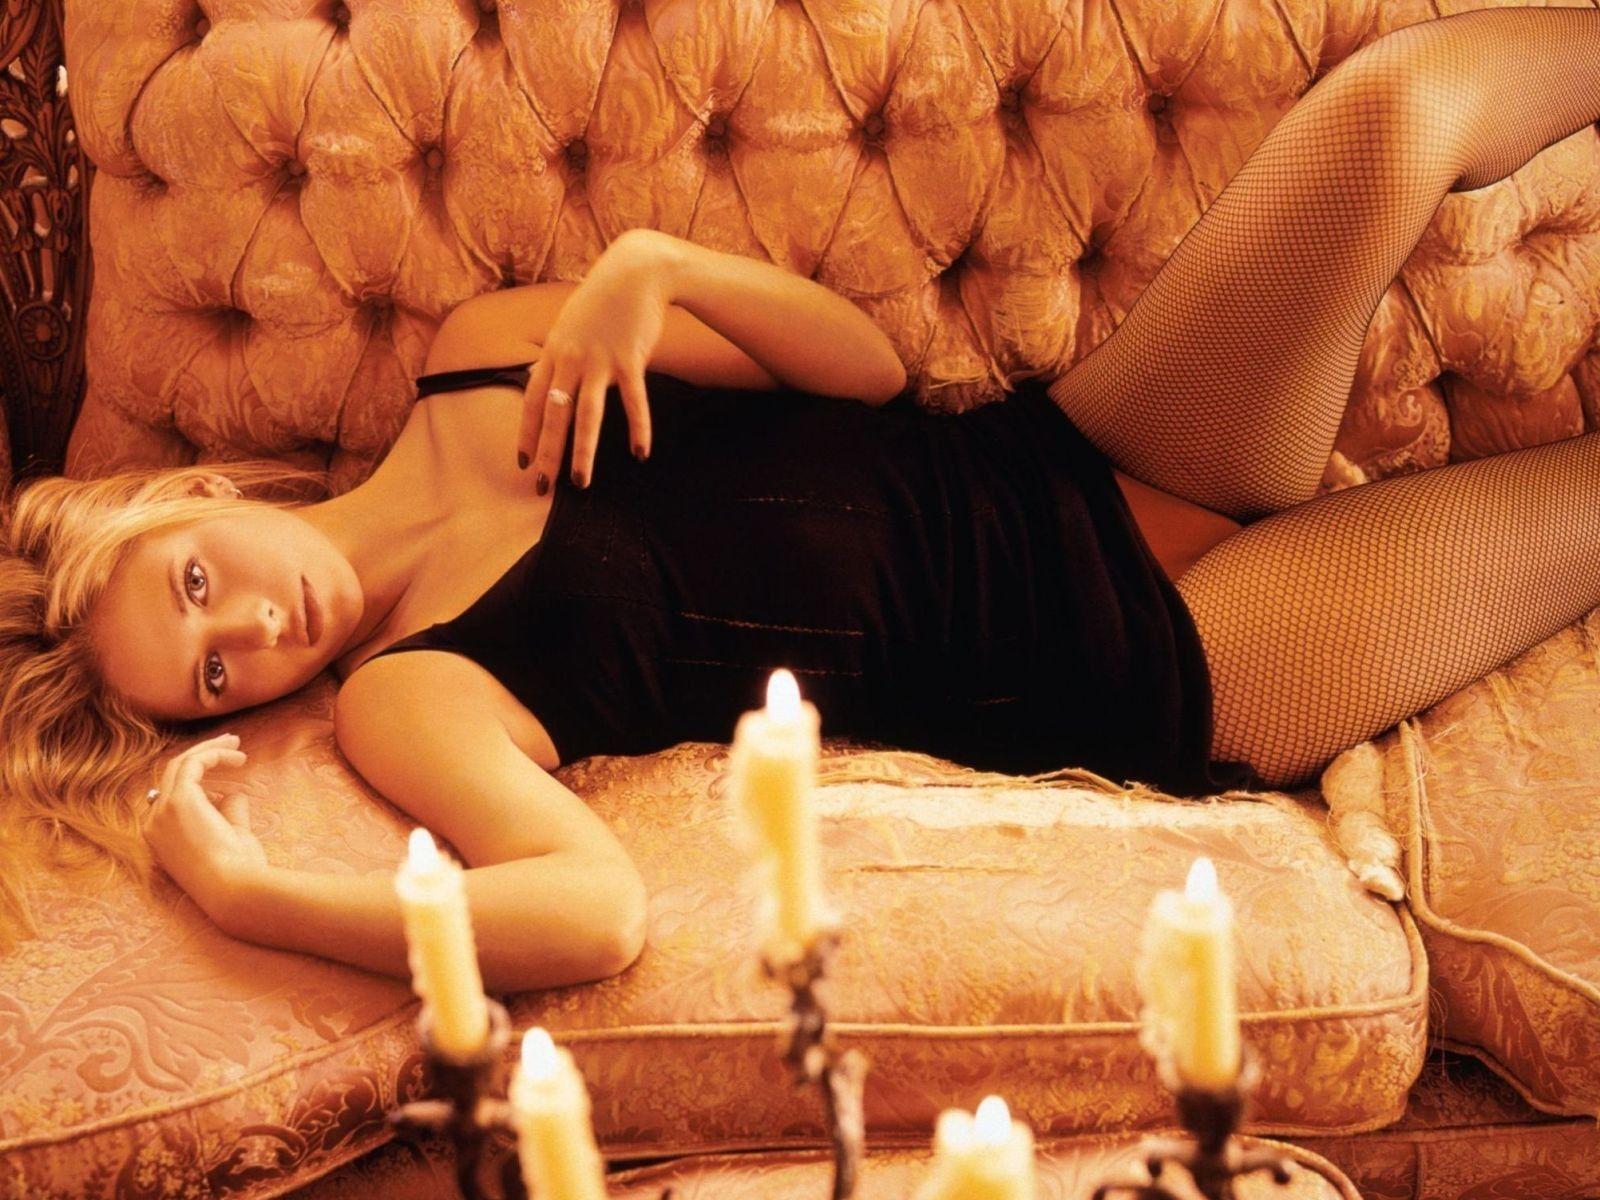 Sarah michelle gellar naked celebrity